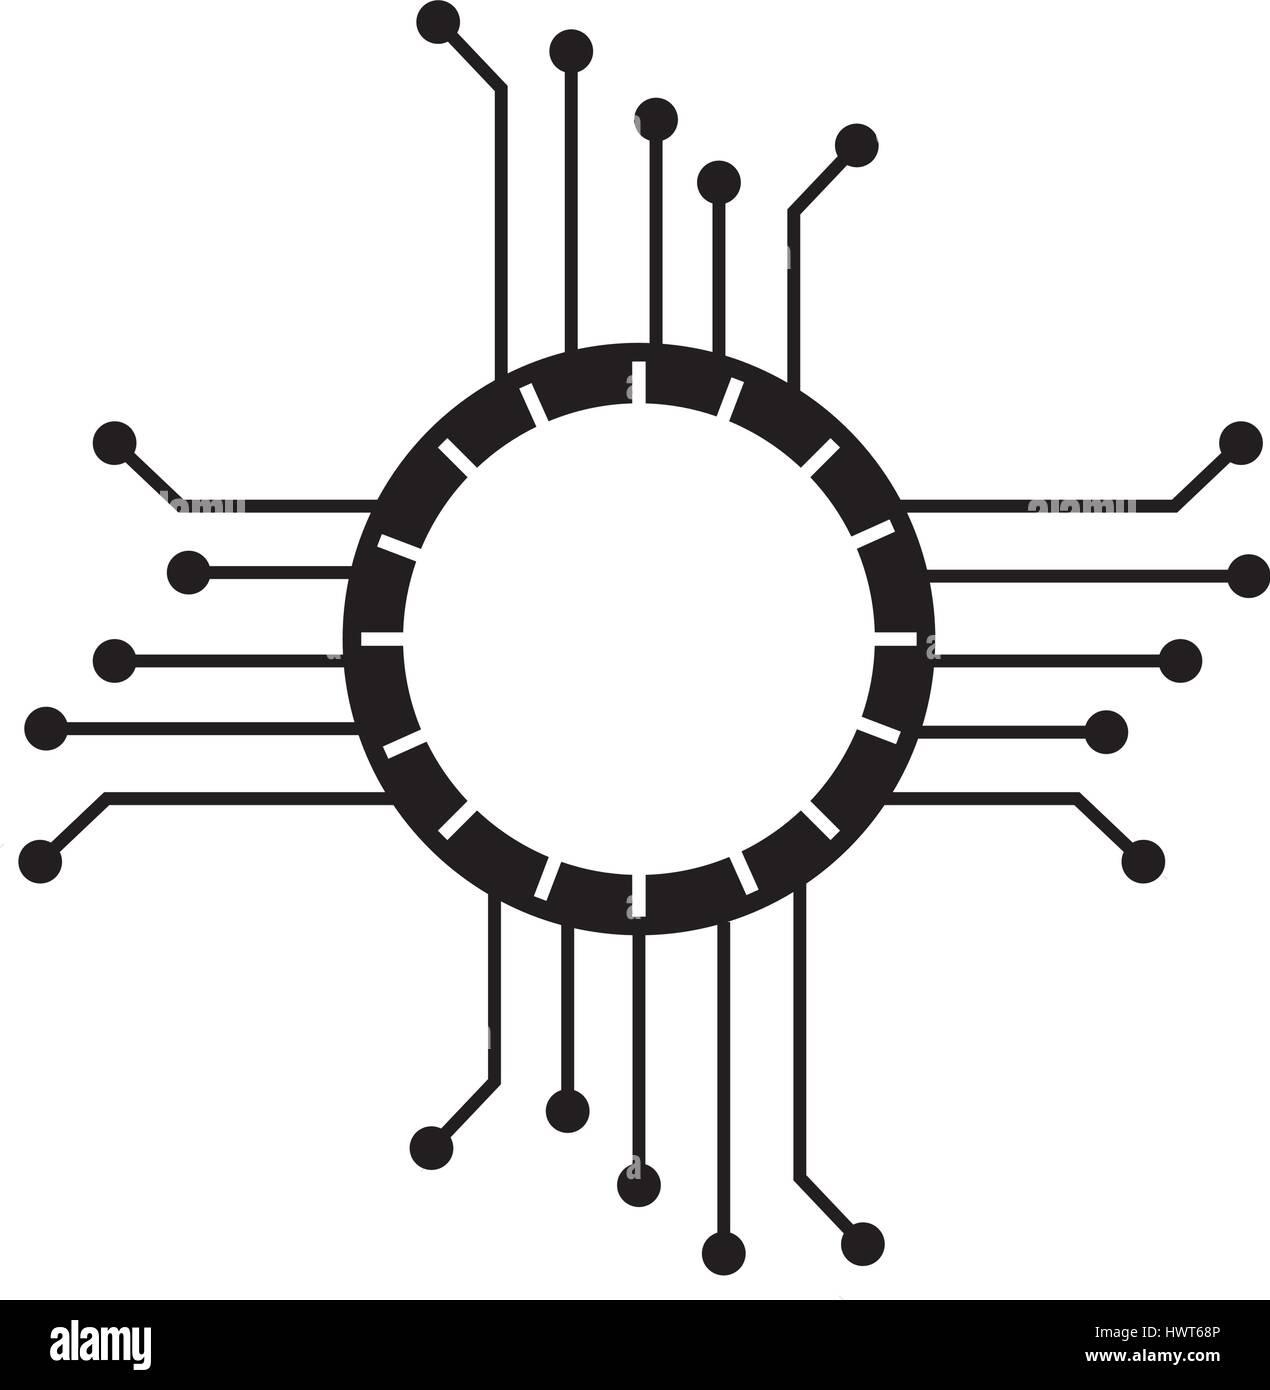 Tolle Symbole Für Elektrische Schaltungen Zeitgenössisch - Die ...